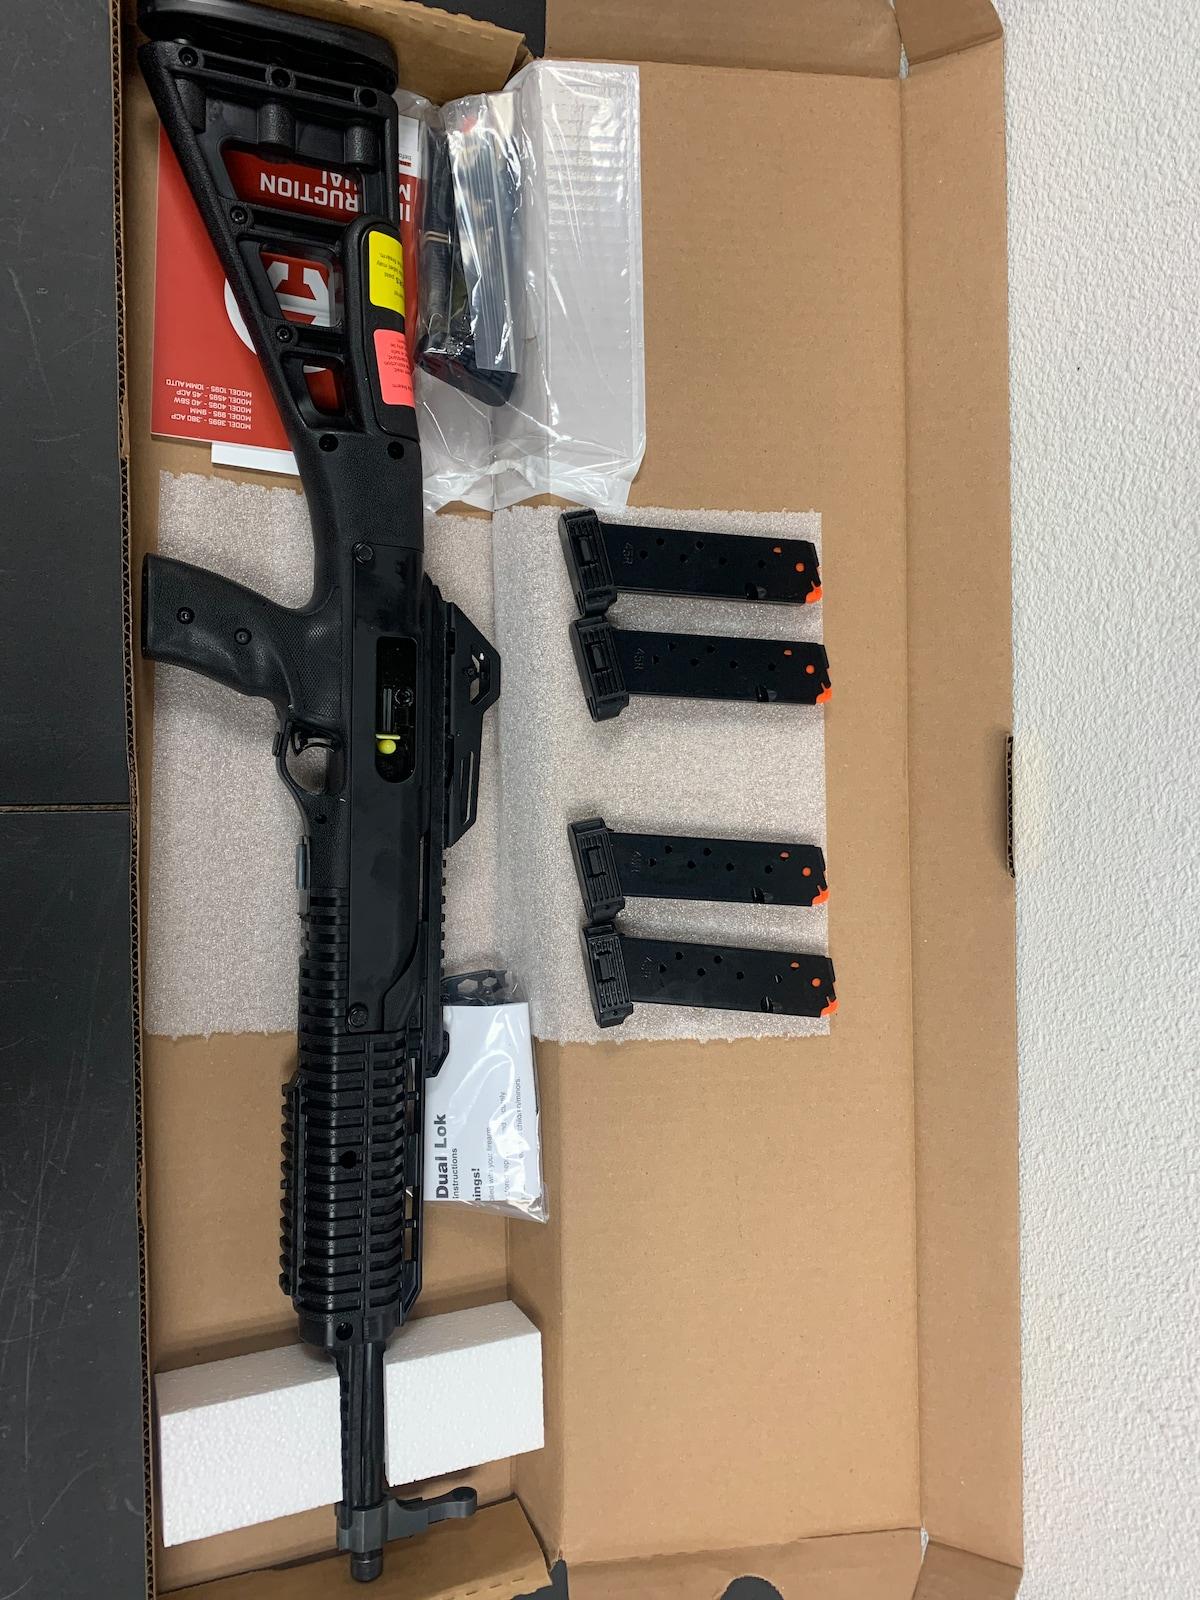 HI-POINT 4595TS 4595TS Carbine 45 ACP